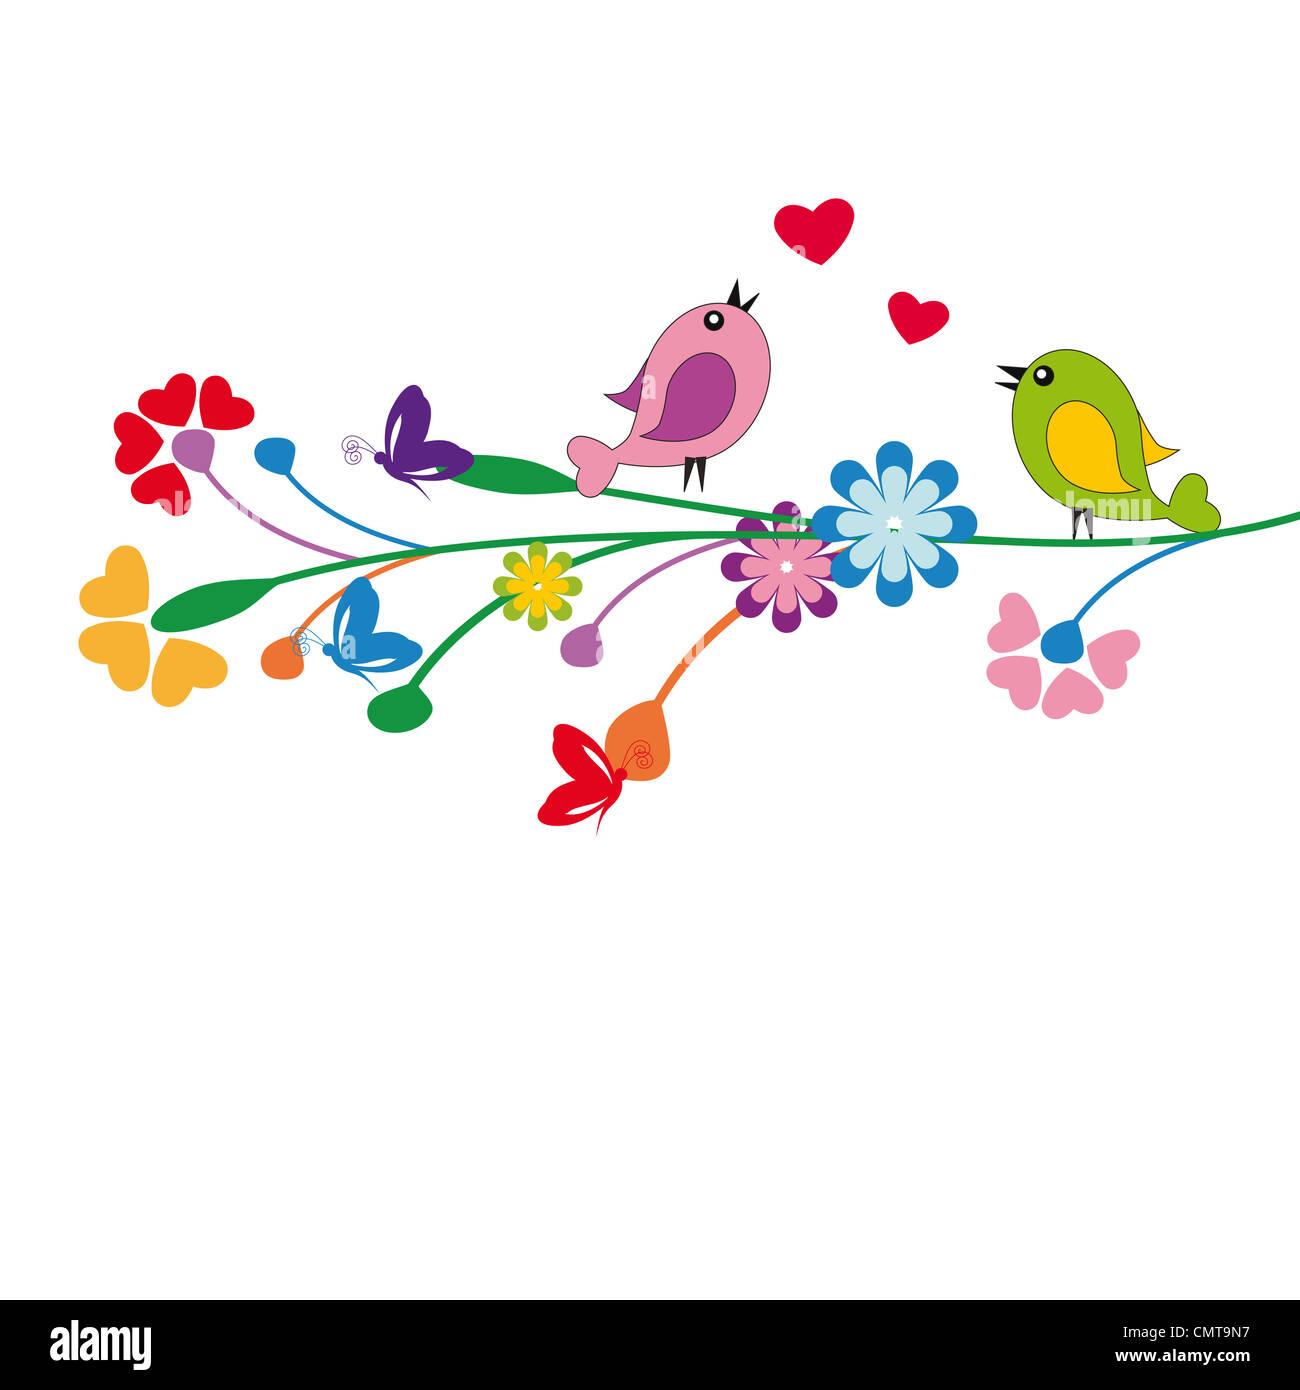 Simpatico cartoon per bambini con fiori e uccelli Immagini Stock